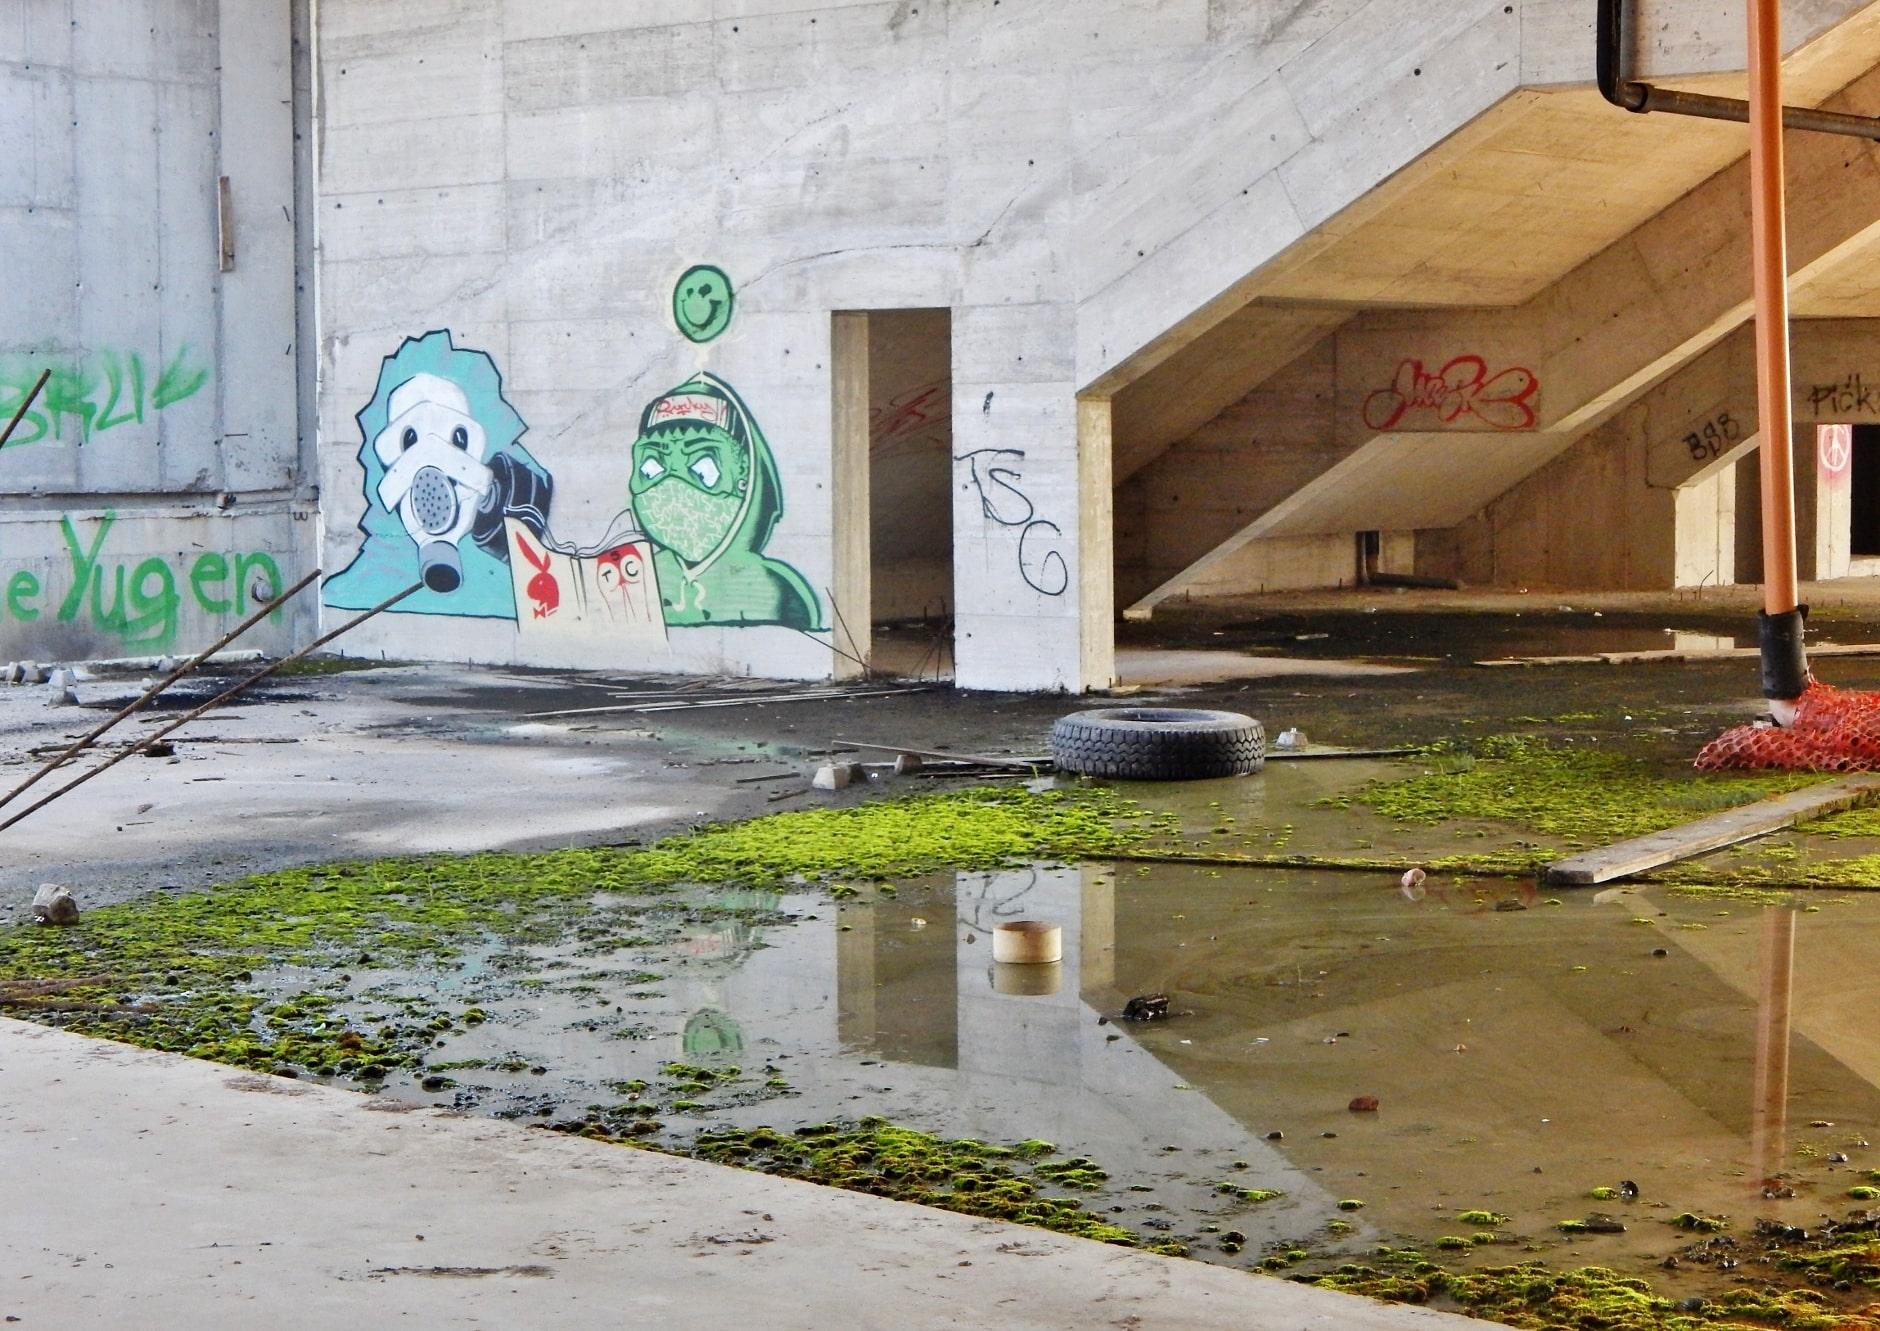 PPAC: Stožice street art3